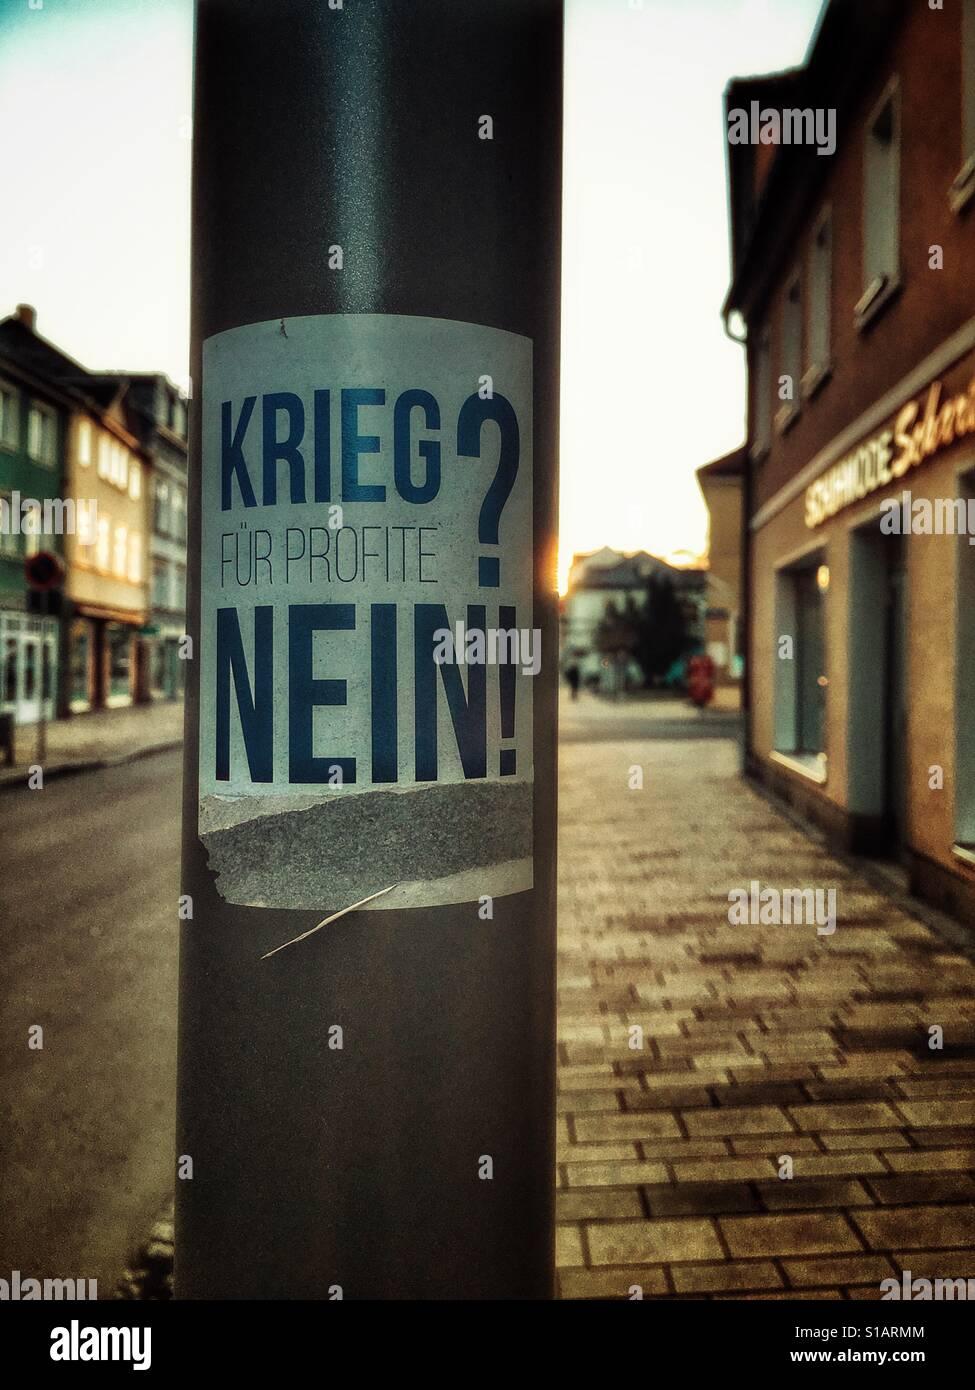 Krieg für Profite? Nein / War for profits? No - in german language - Stock Image